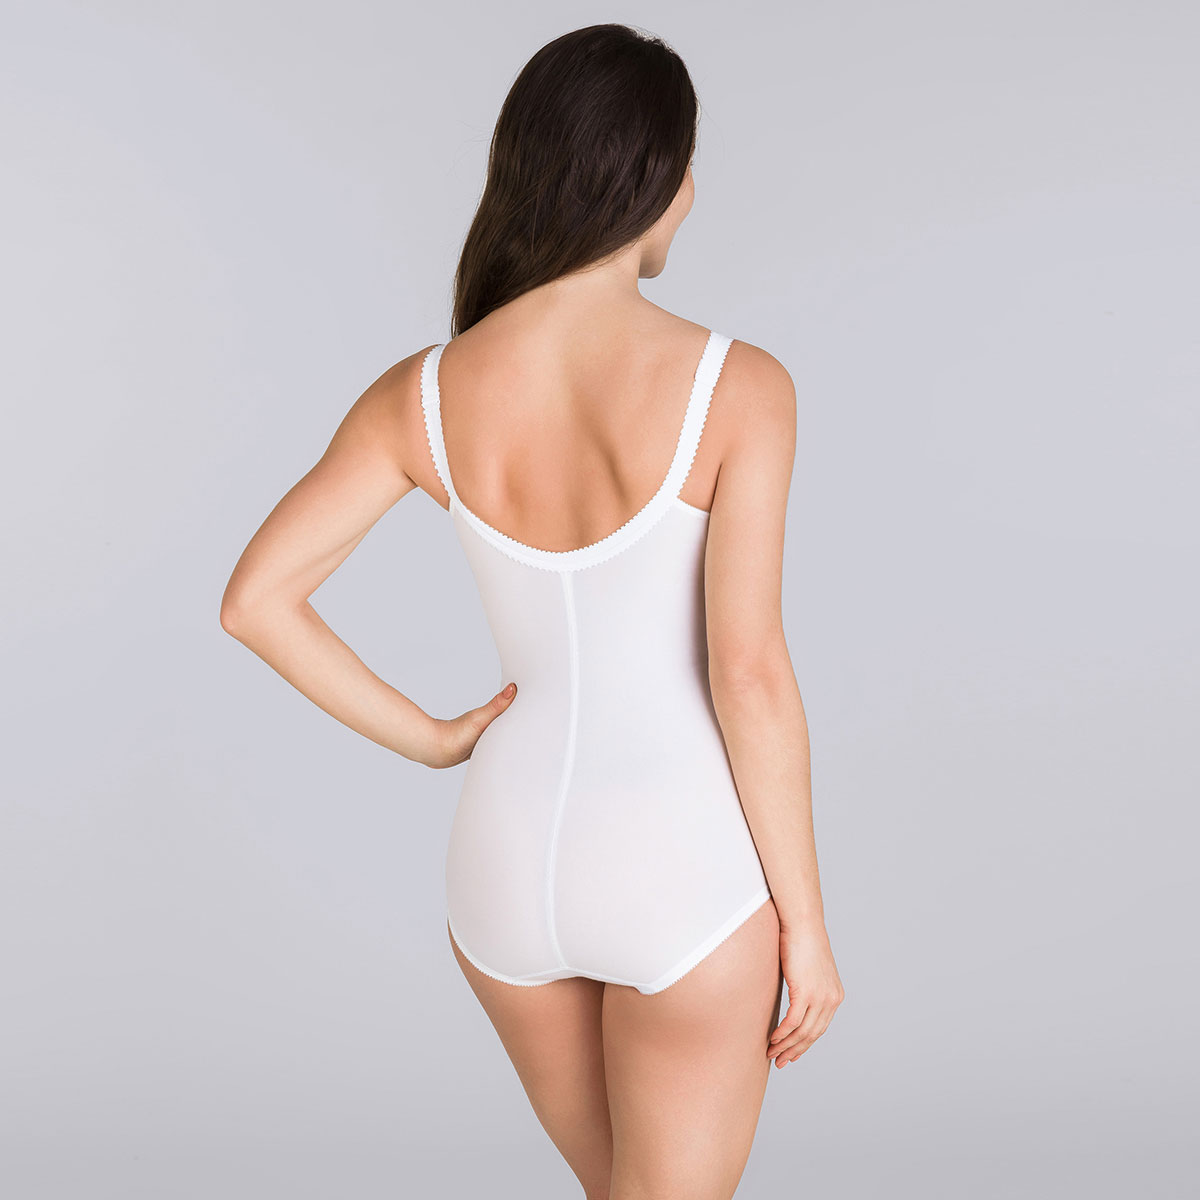 Body Sculptant  Blanc-Incroyable c'est une gaine, , PLAYTEX